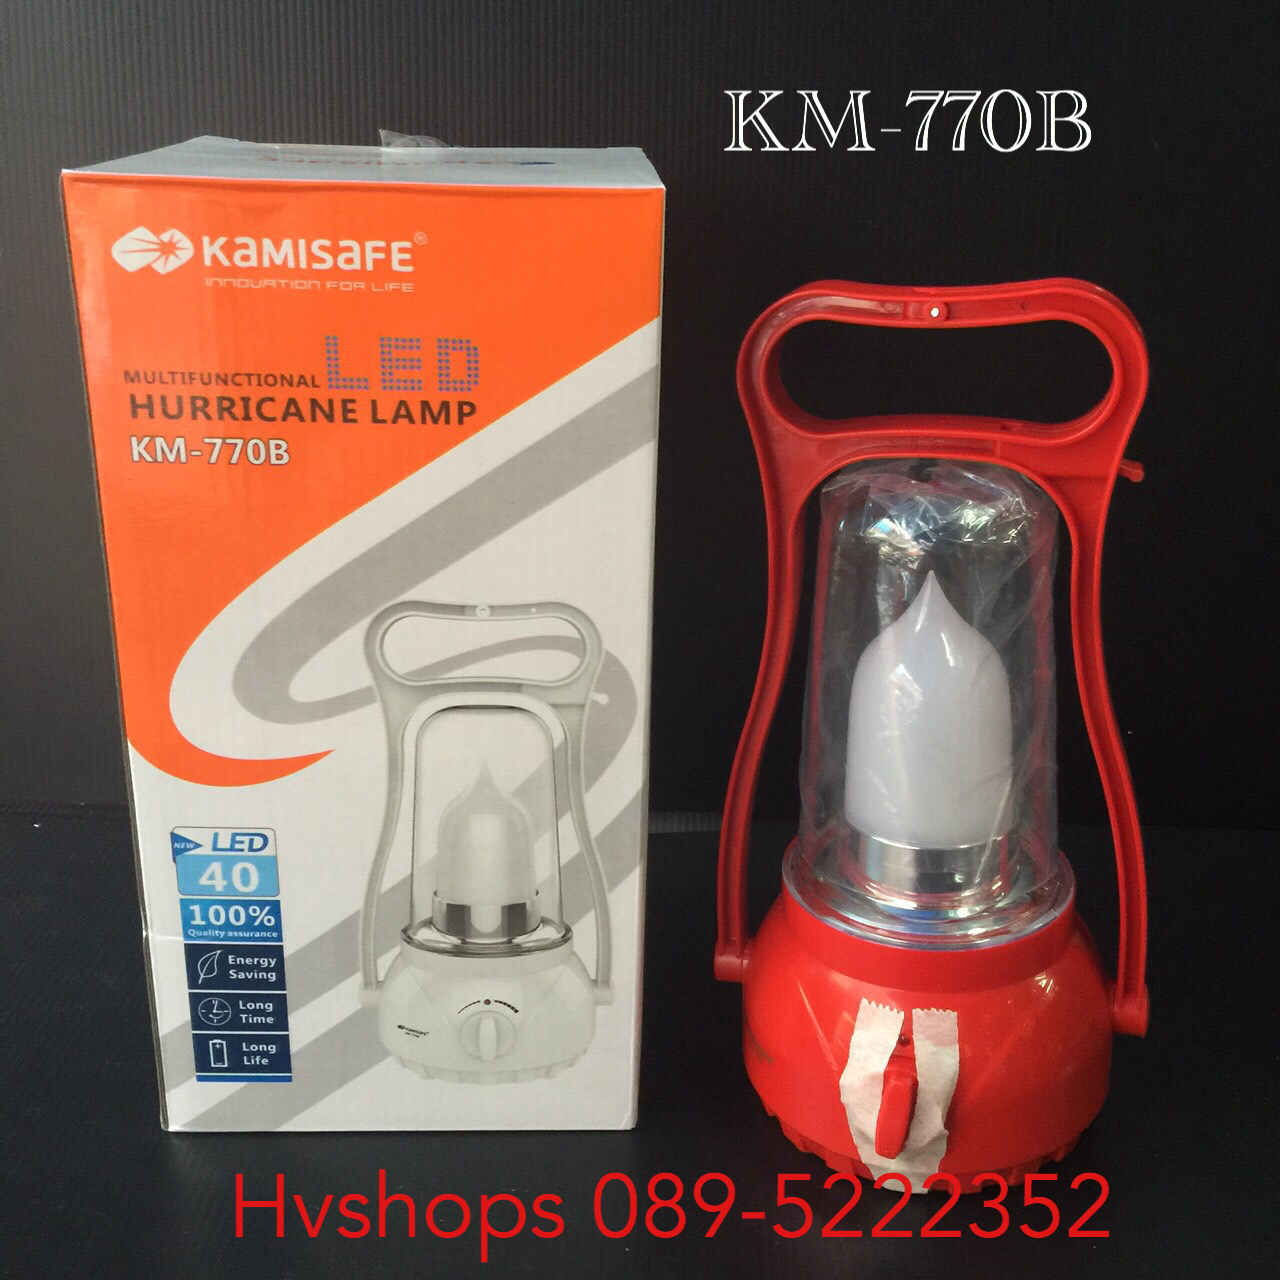 ตะเกียง LED Kamisafe KM-770B